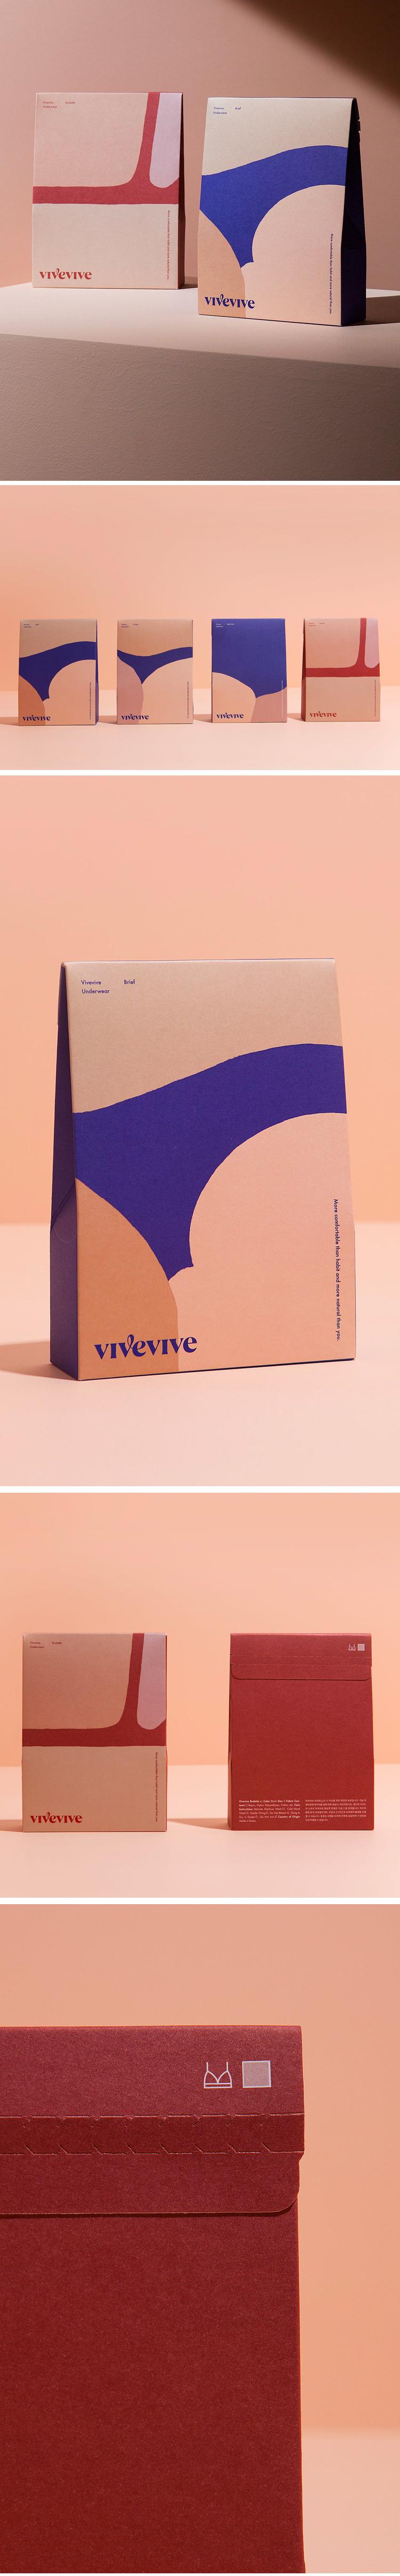 vivevive_förpackningsdesign_förpackad.jpg